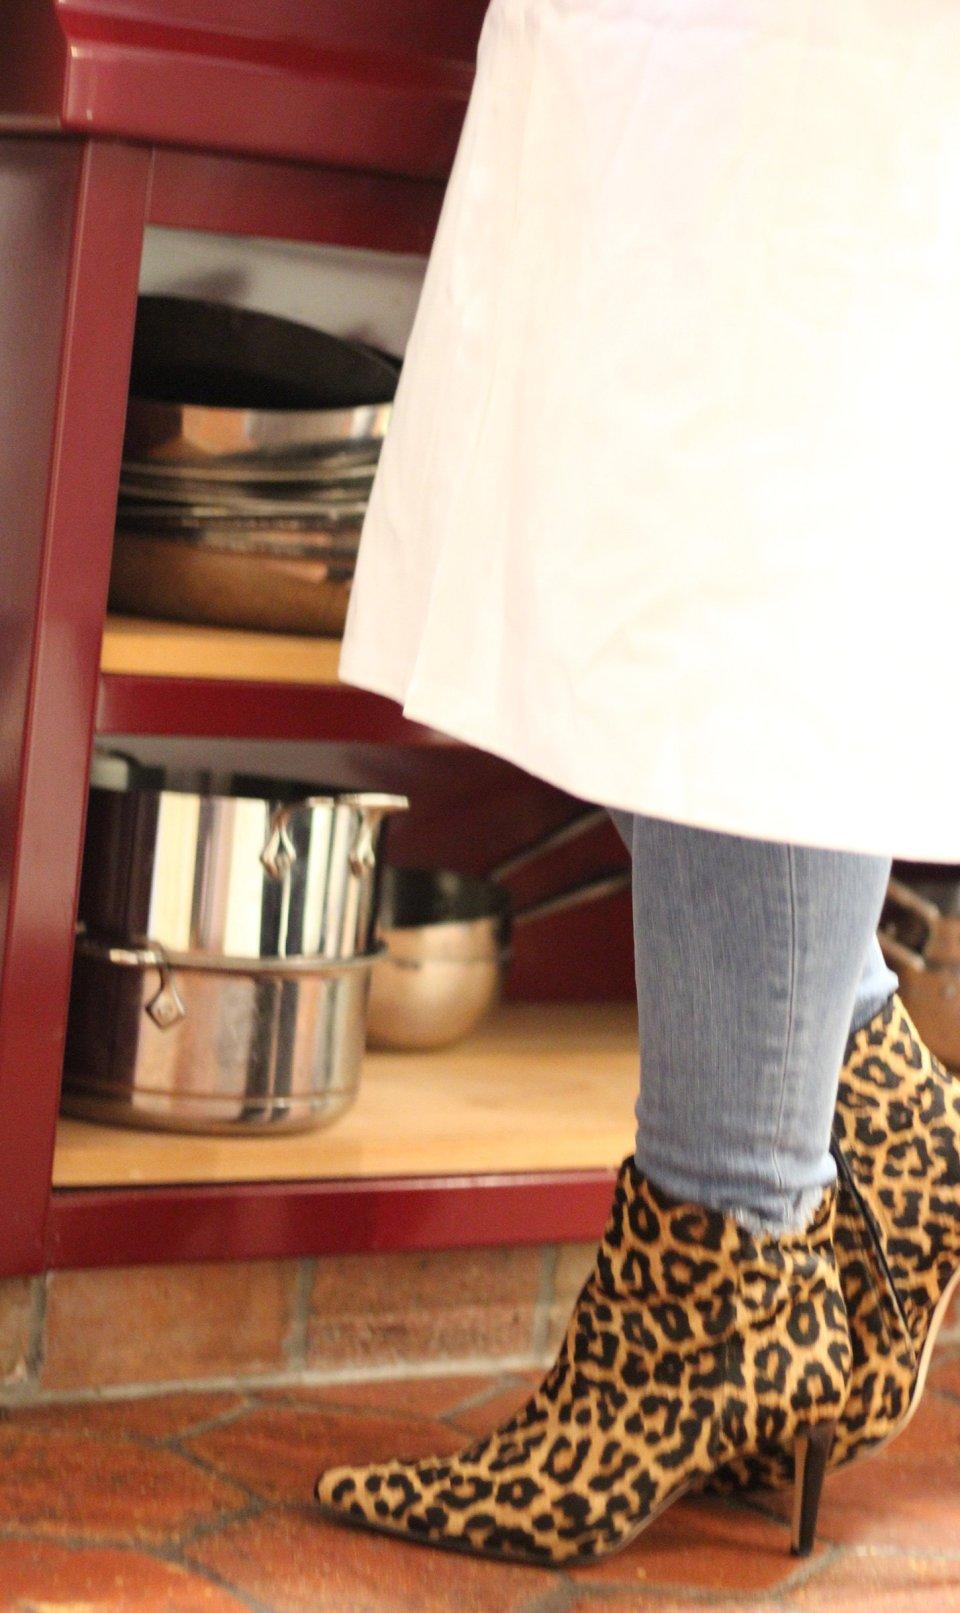 ...und dieses Bild beweist: LEO passt einfach hervorragend in die Küche und ist gleichzeitig der Teaser für unseren morgigen Tag im Styleoutlet Zweibrücken